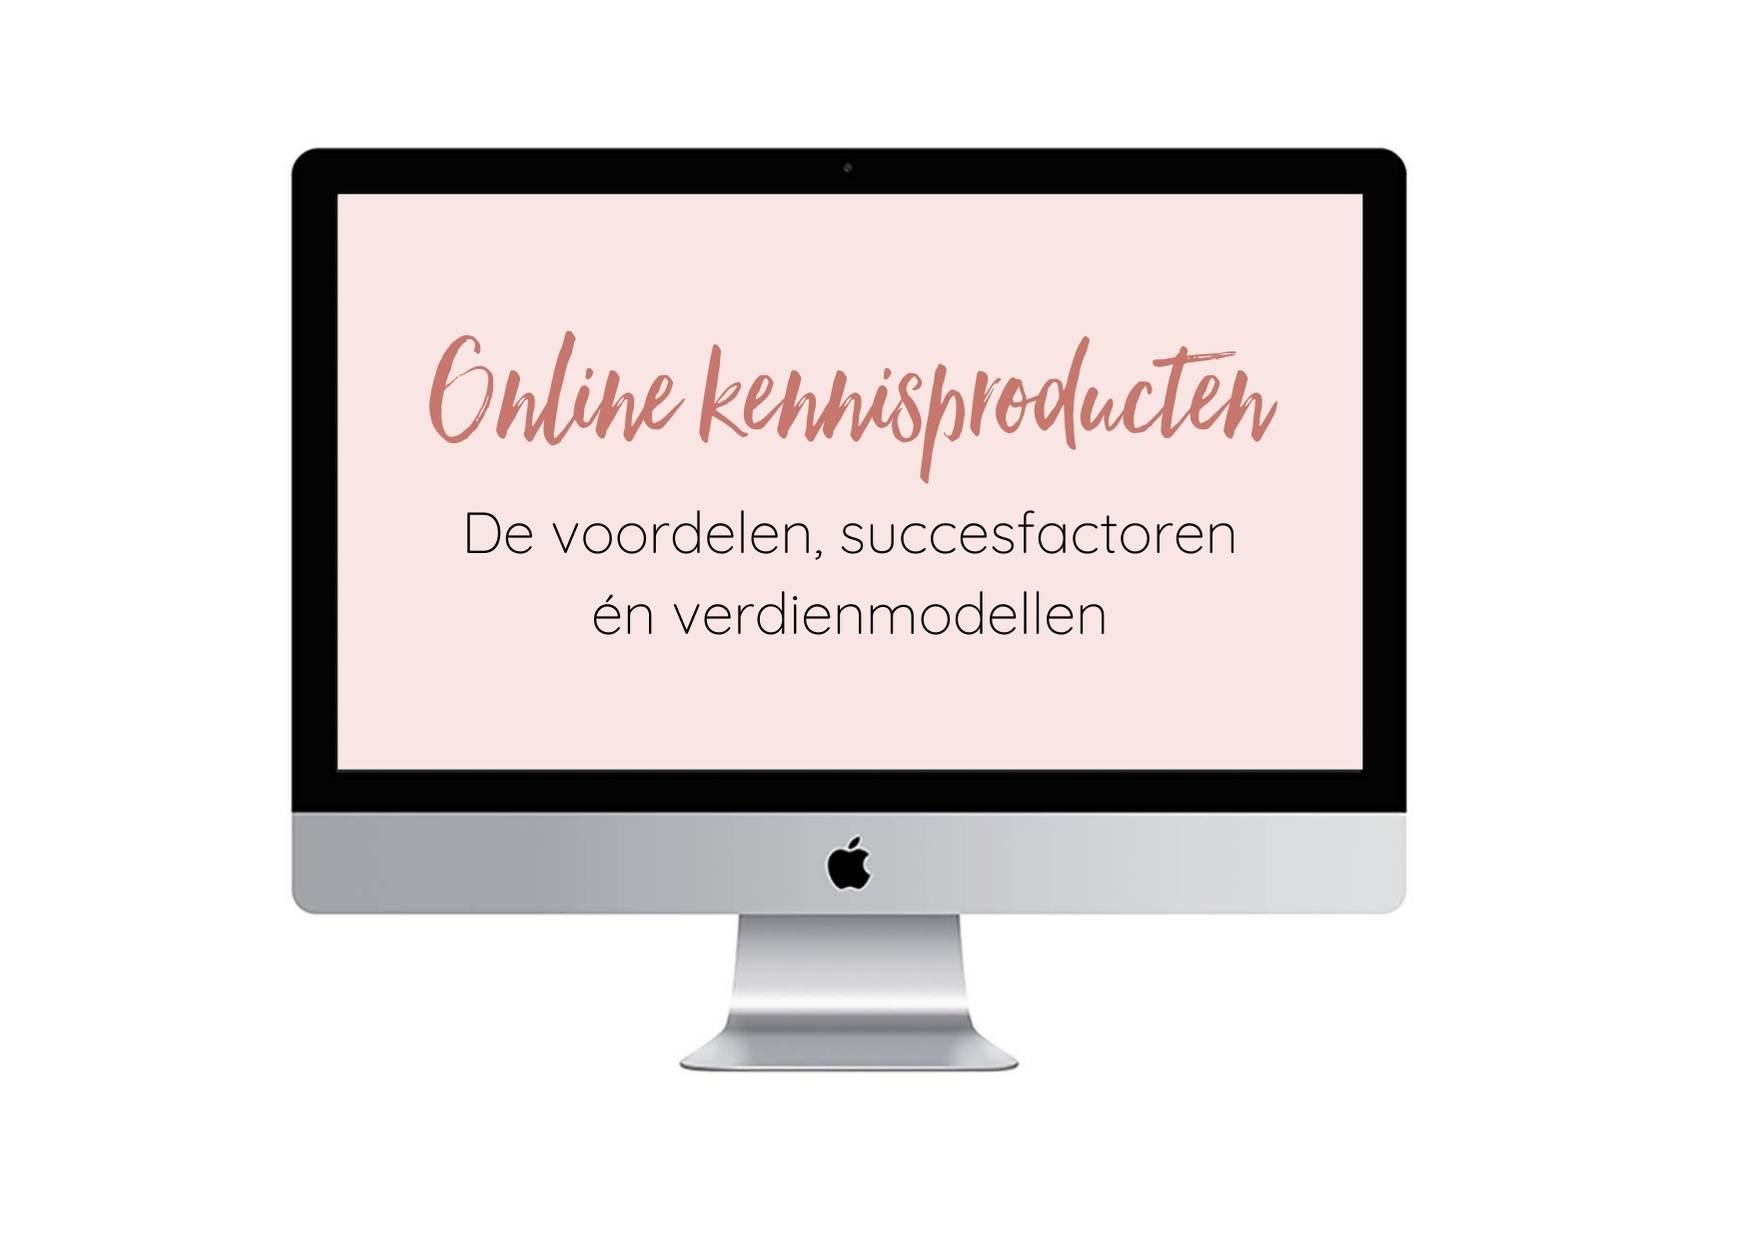 Voordelen en succesfactoren van online kennisproducten